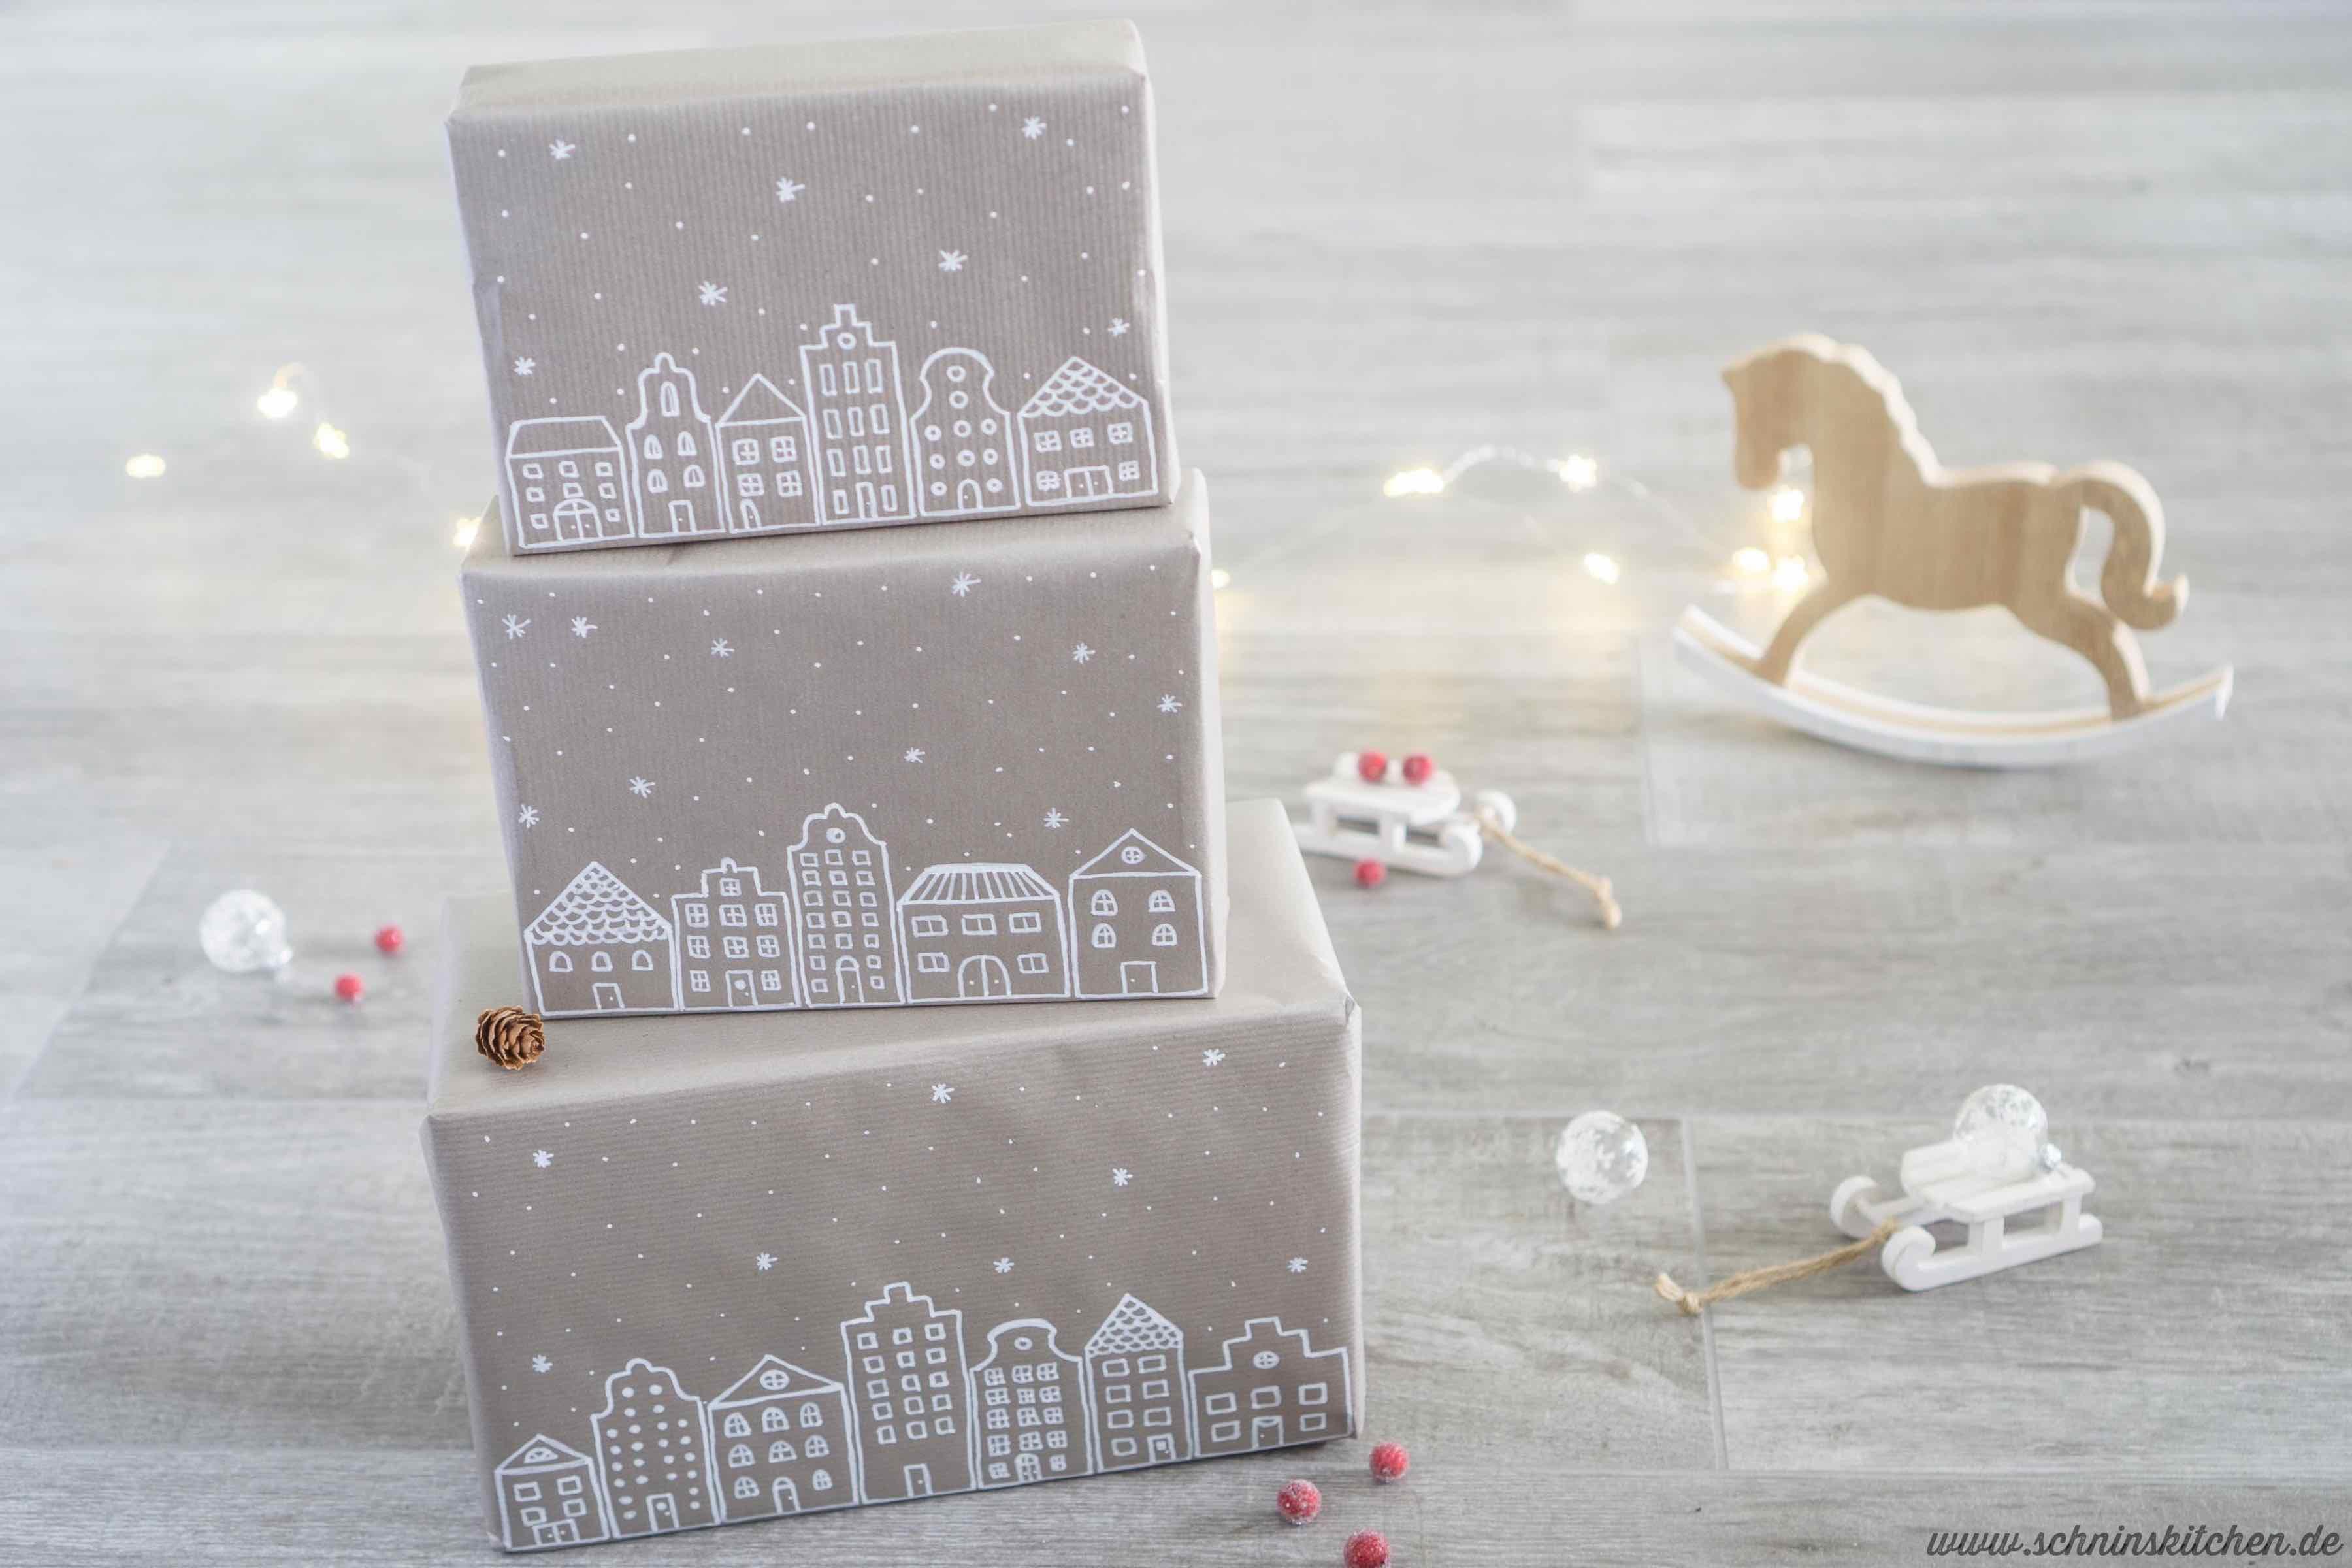 DIY Geschenkpapier selber machen mit niedlichem Winterdorf für Weihnachten | www.schninskitchen.de